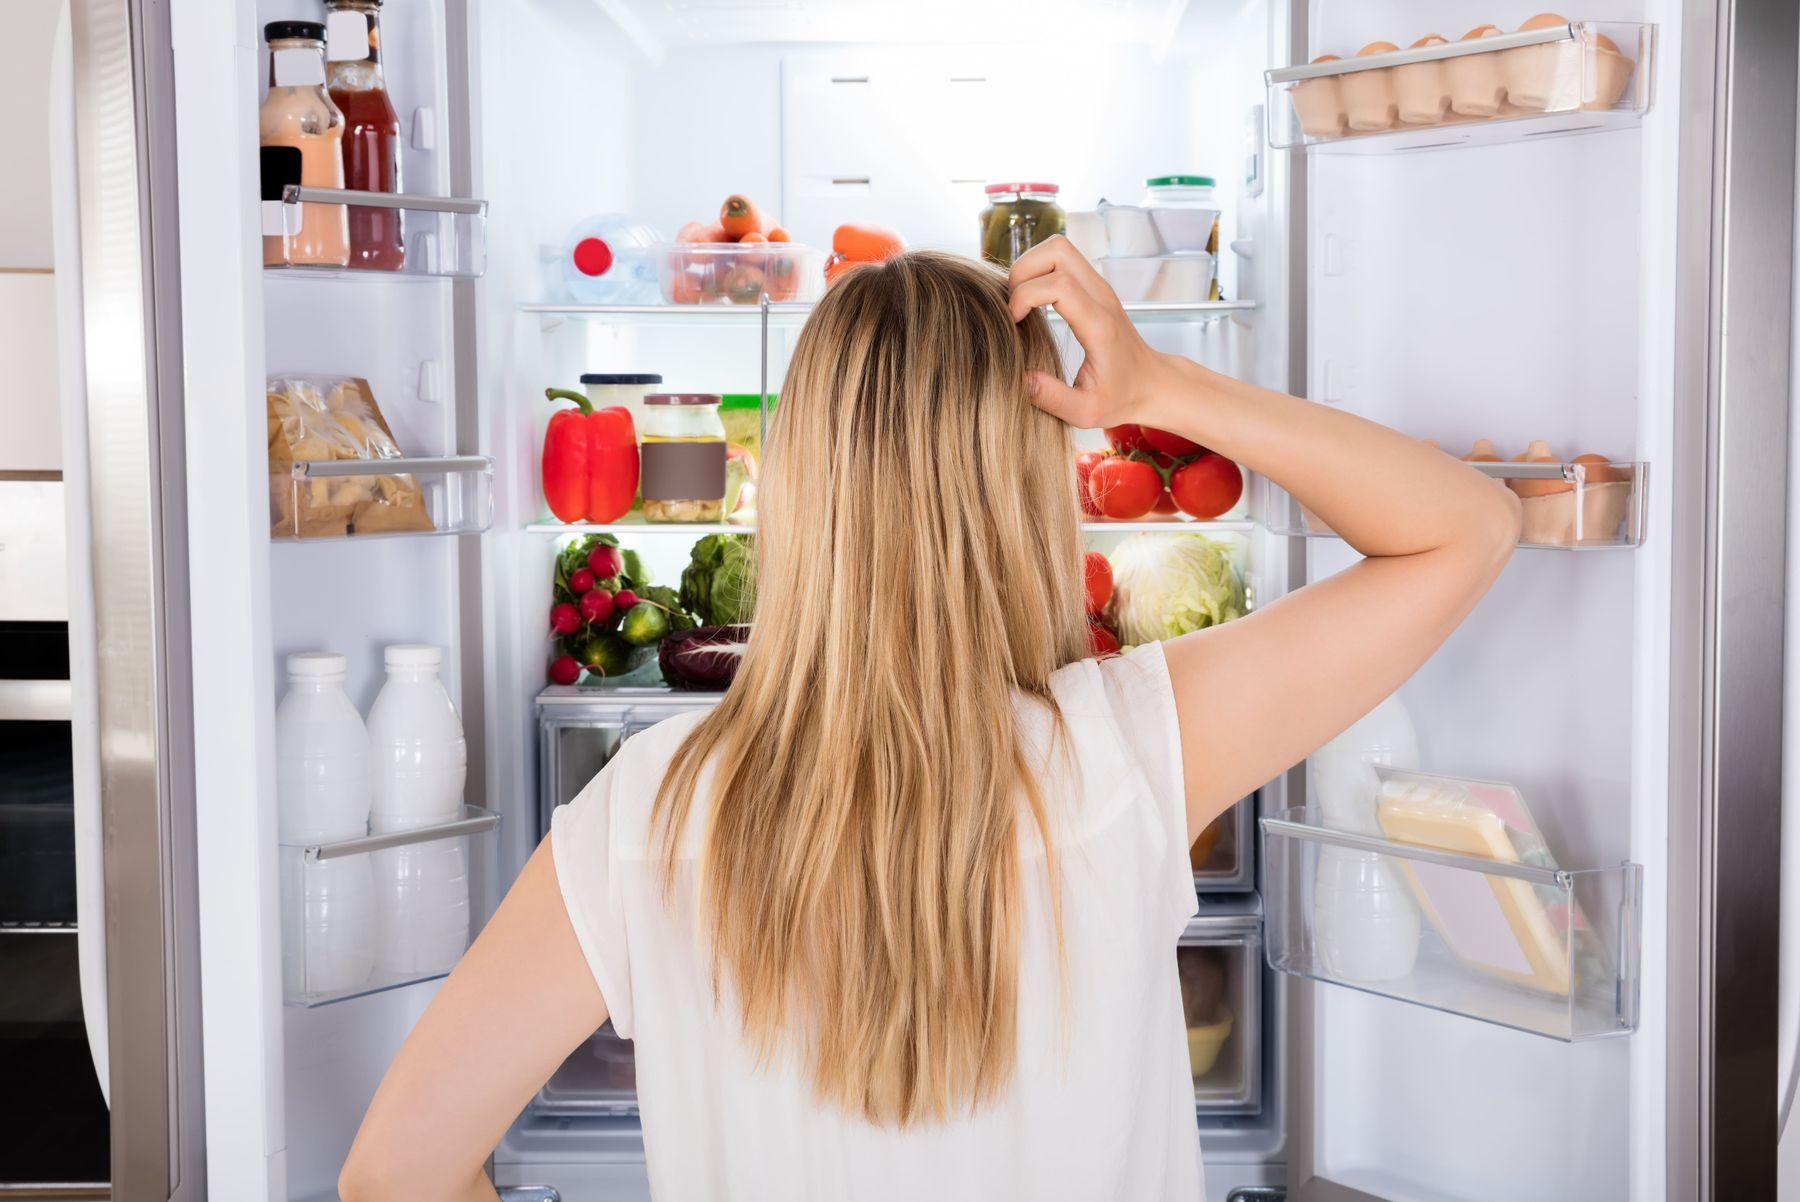 lấy hết thực phẩm ra trước khi vệ sinh tủ lạnh